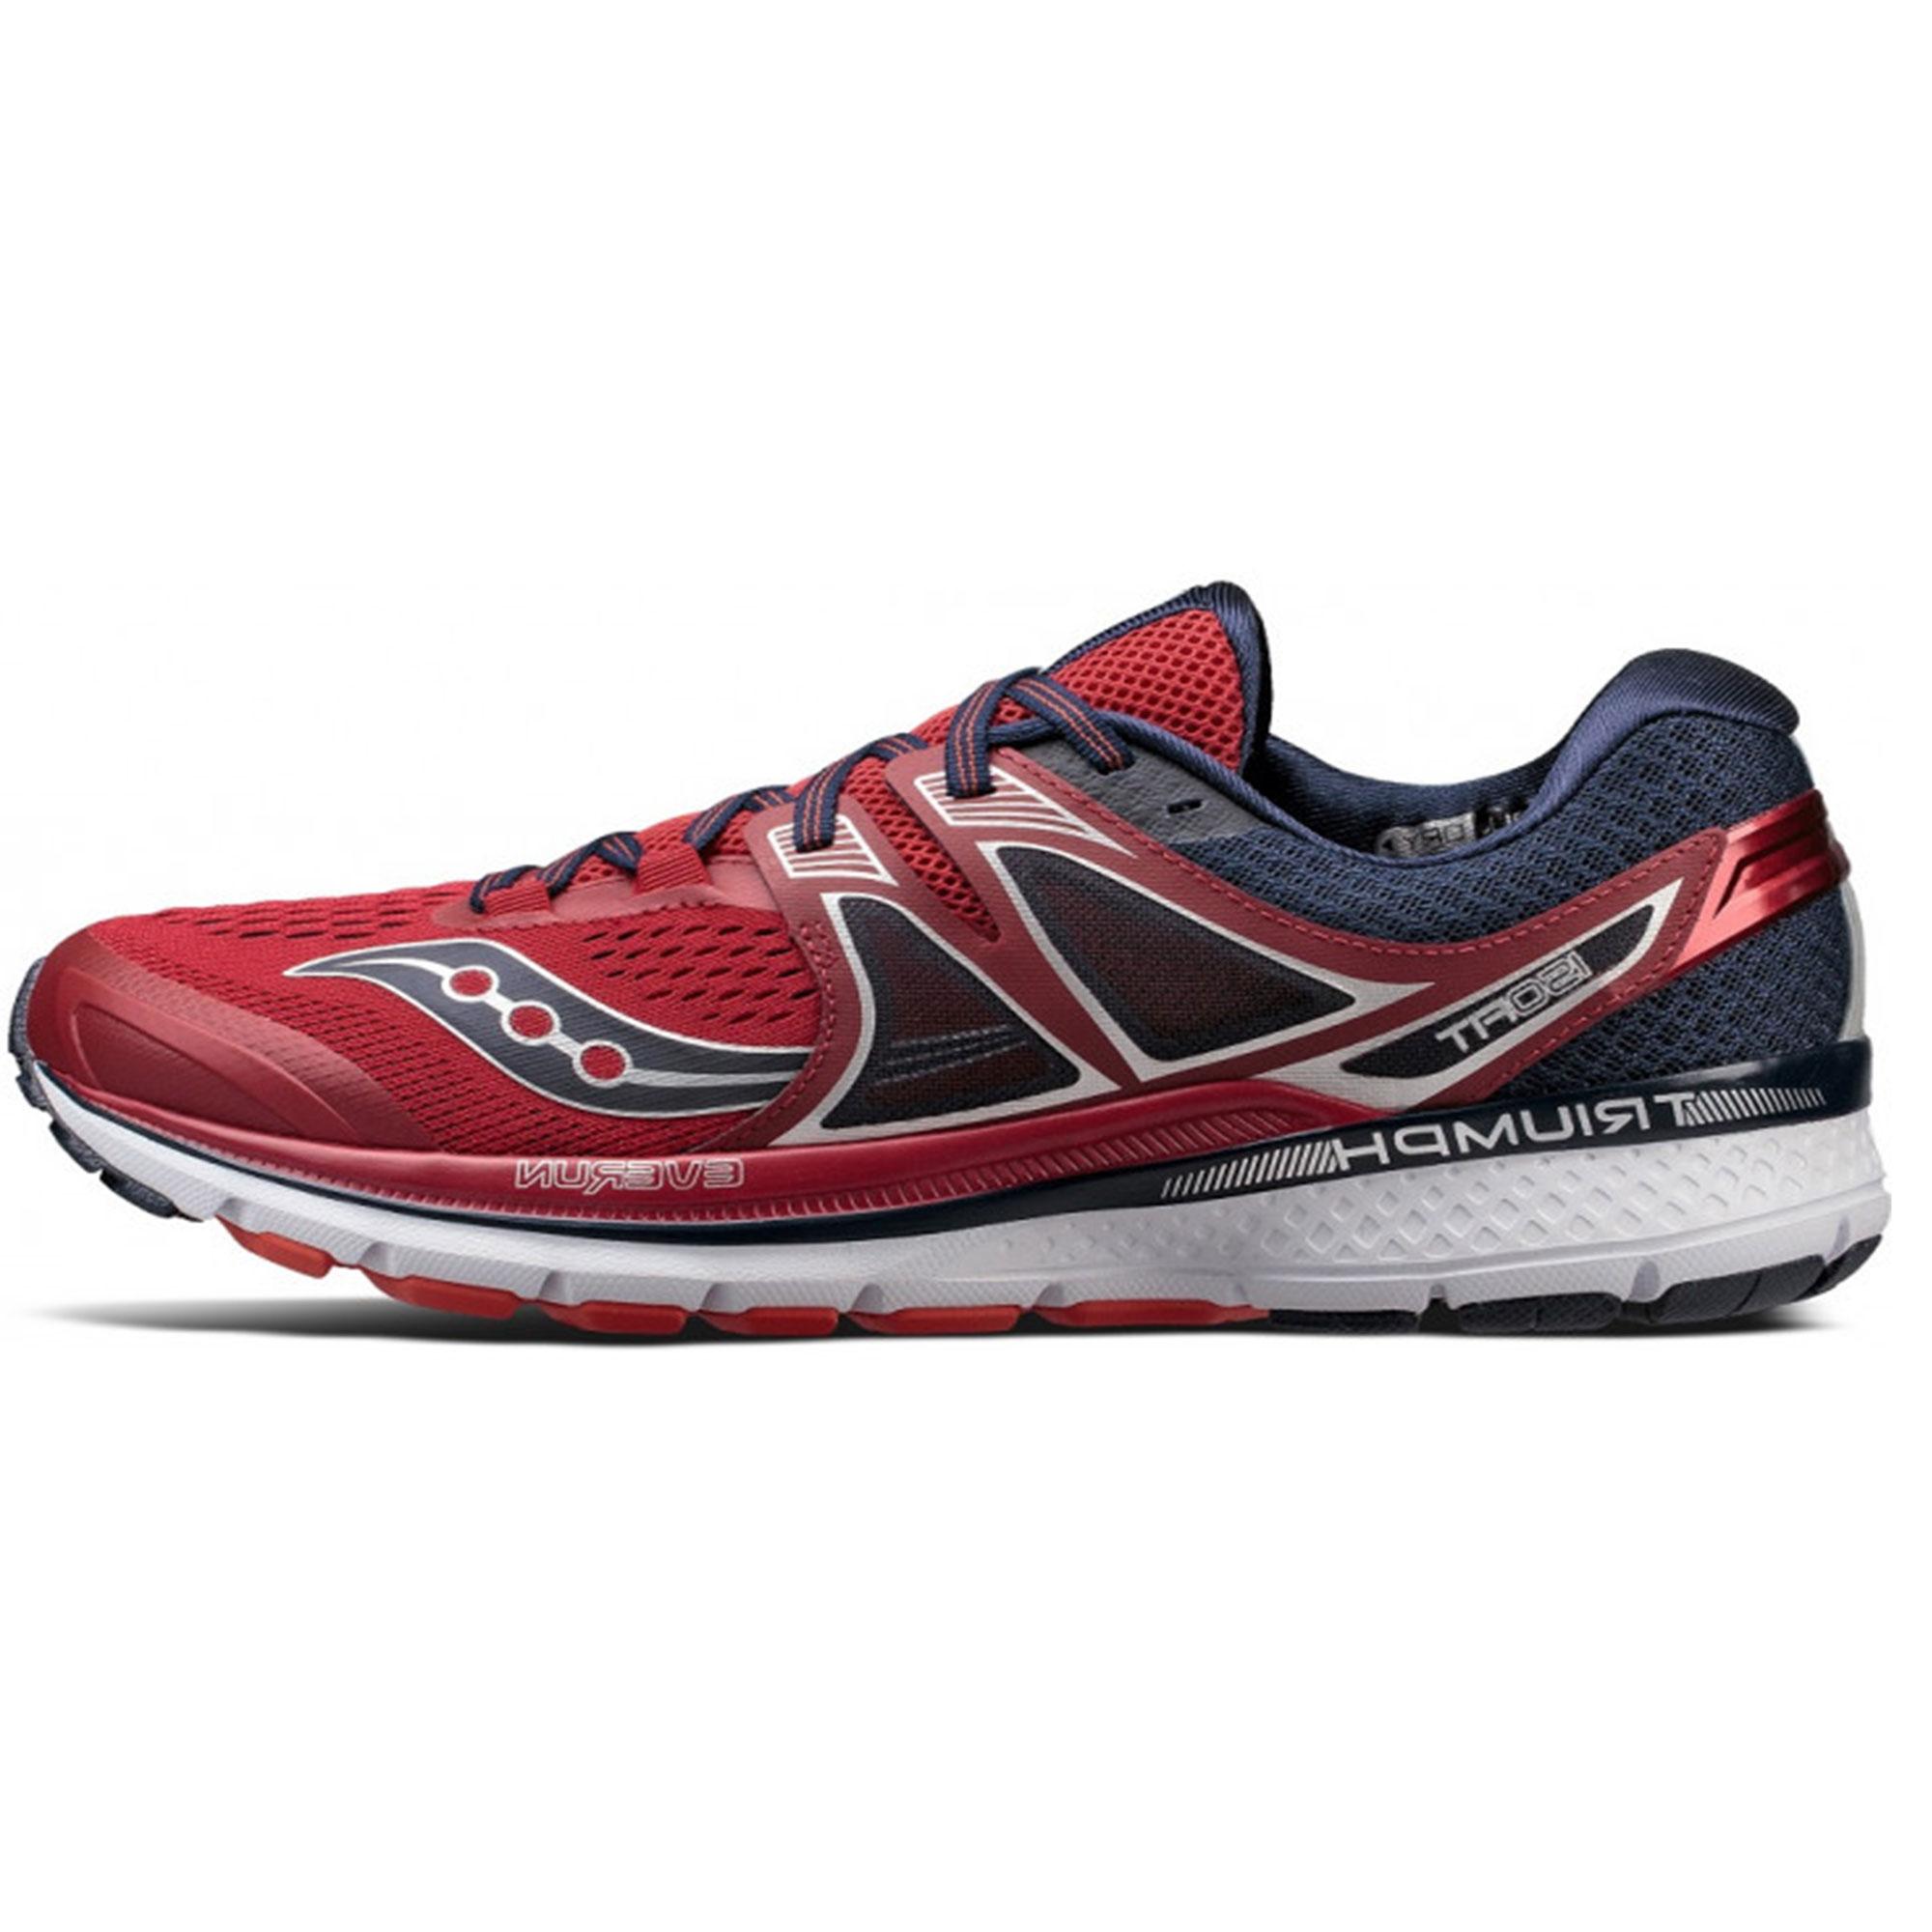 کفش مخصوص پیاده روی و دویدن مردانه ساکنی مدل Triomph 3